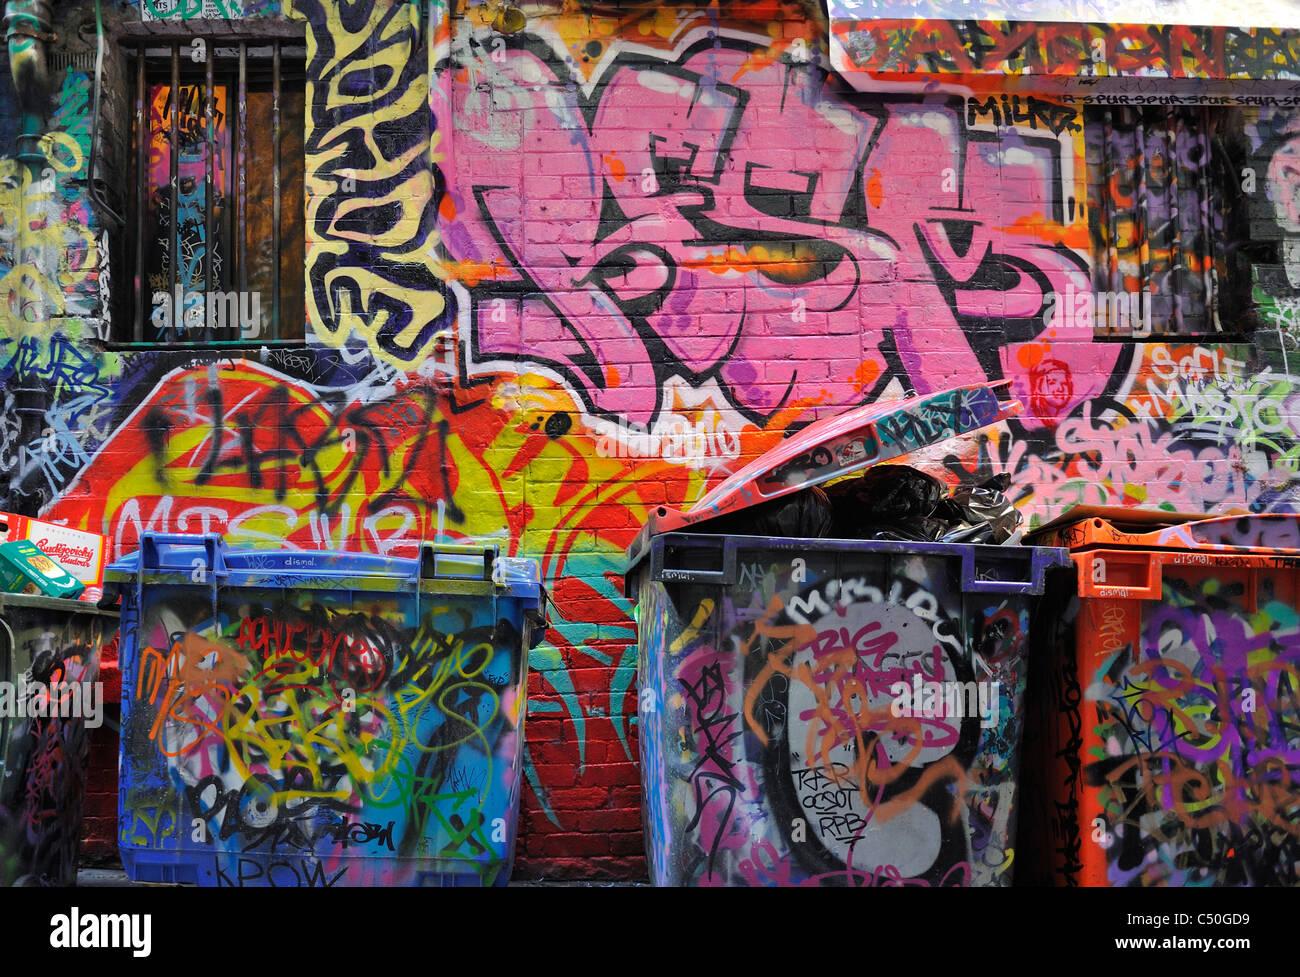 L'art du graffiti à Melbourne Central Business District Photo Stock